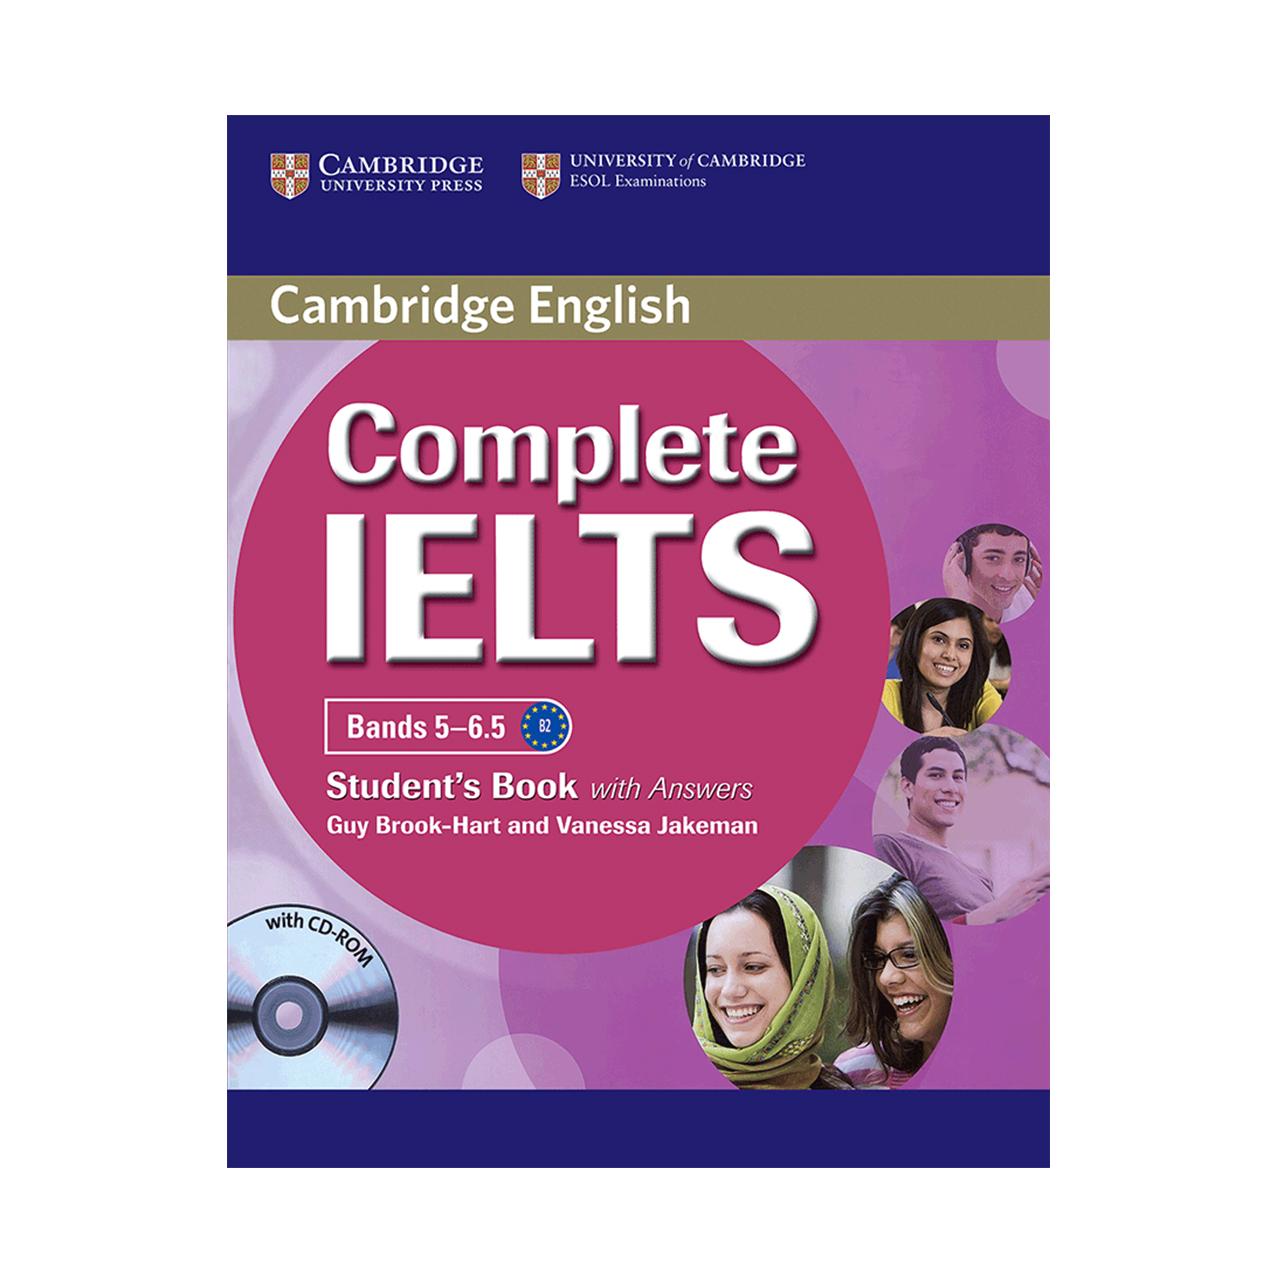 خرید                      کتاب زبان Cambridge English Complete IELTS Student Book B2 همراه با کتاب کار و CD انتشارات کمبریج